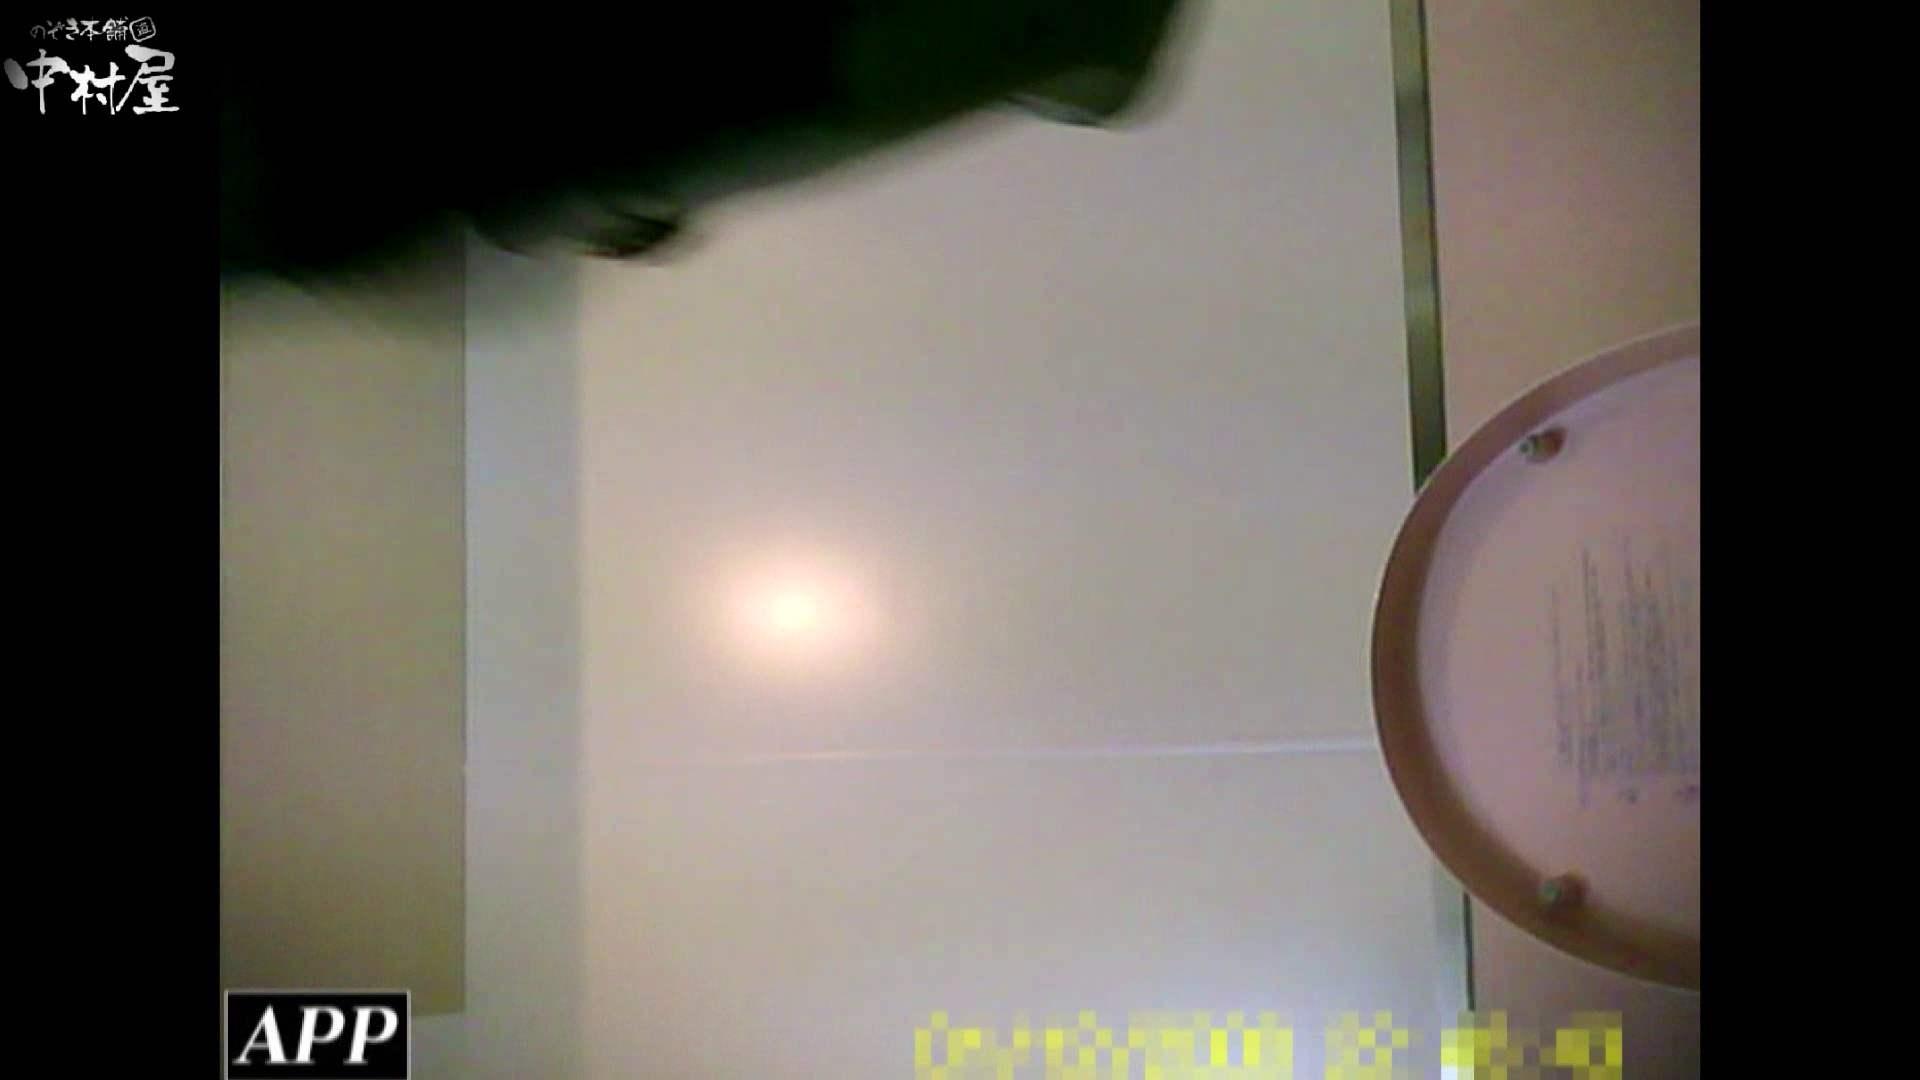 三つ目で盗撮 vol.74 無料オマンコ おまんこ無修正動画無料 39PICs 33